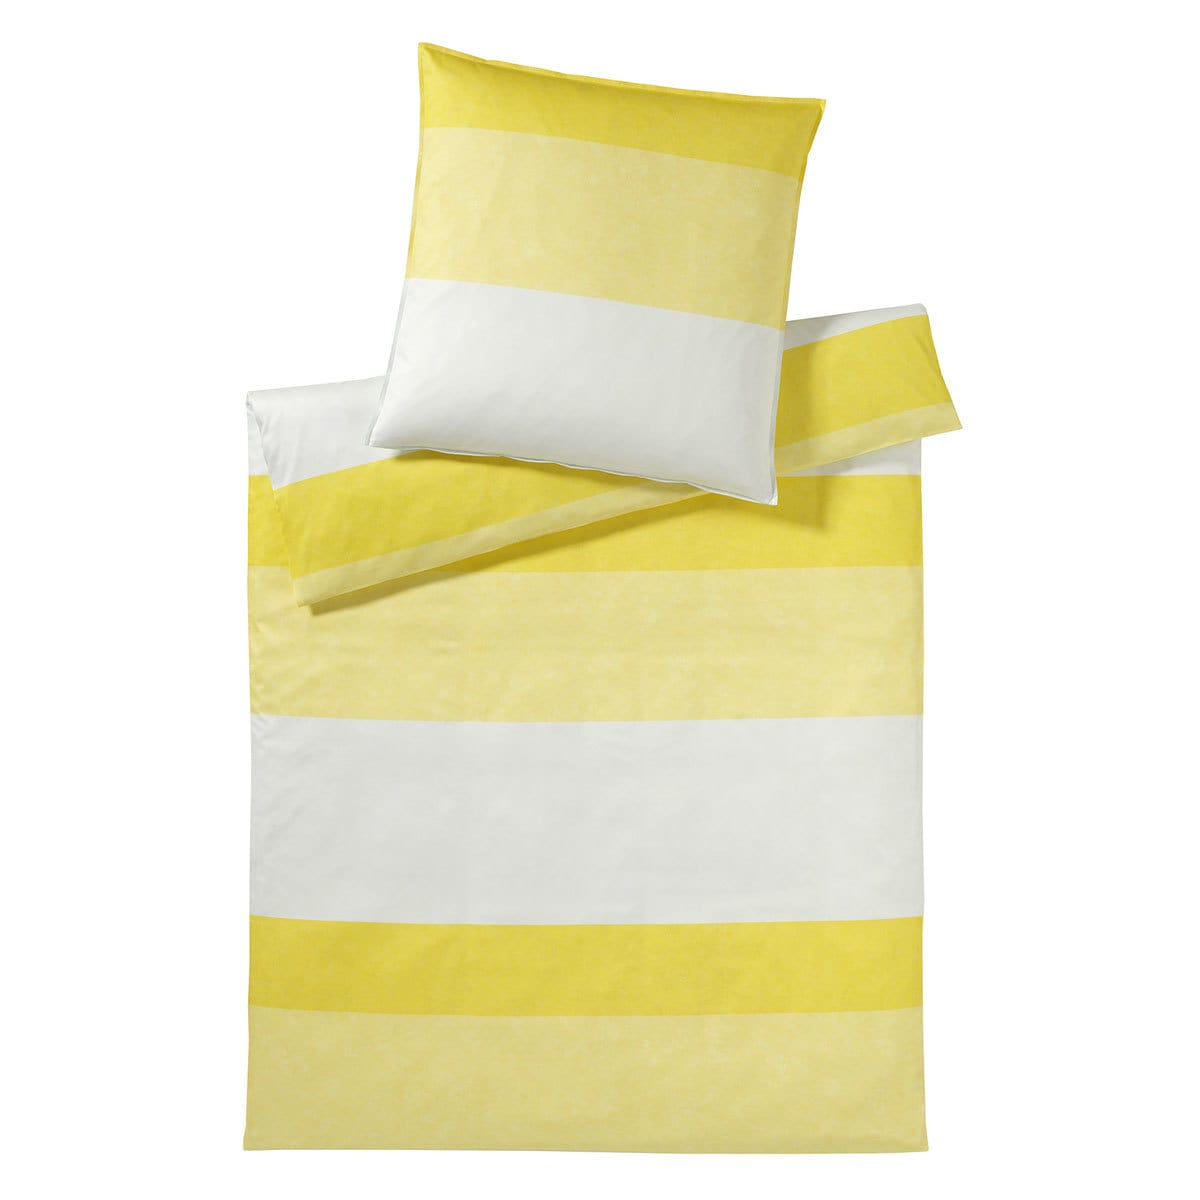 elegante mako satin bettw sche riverside sonne g nstig online kaufen bei bettwaren shop. Black Bedroom Furniture Sets. Home Design Ideas